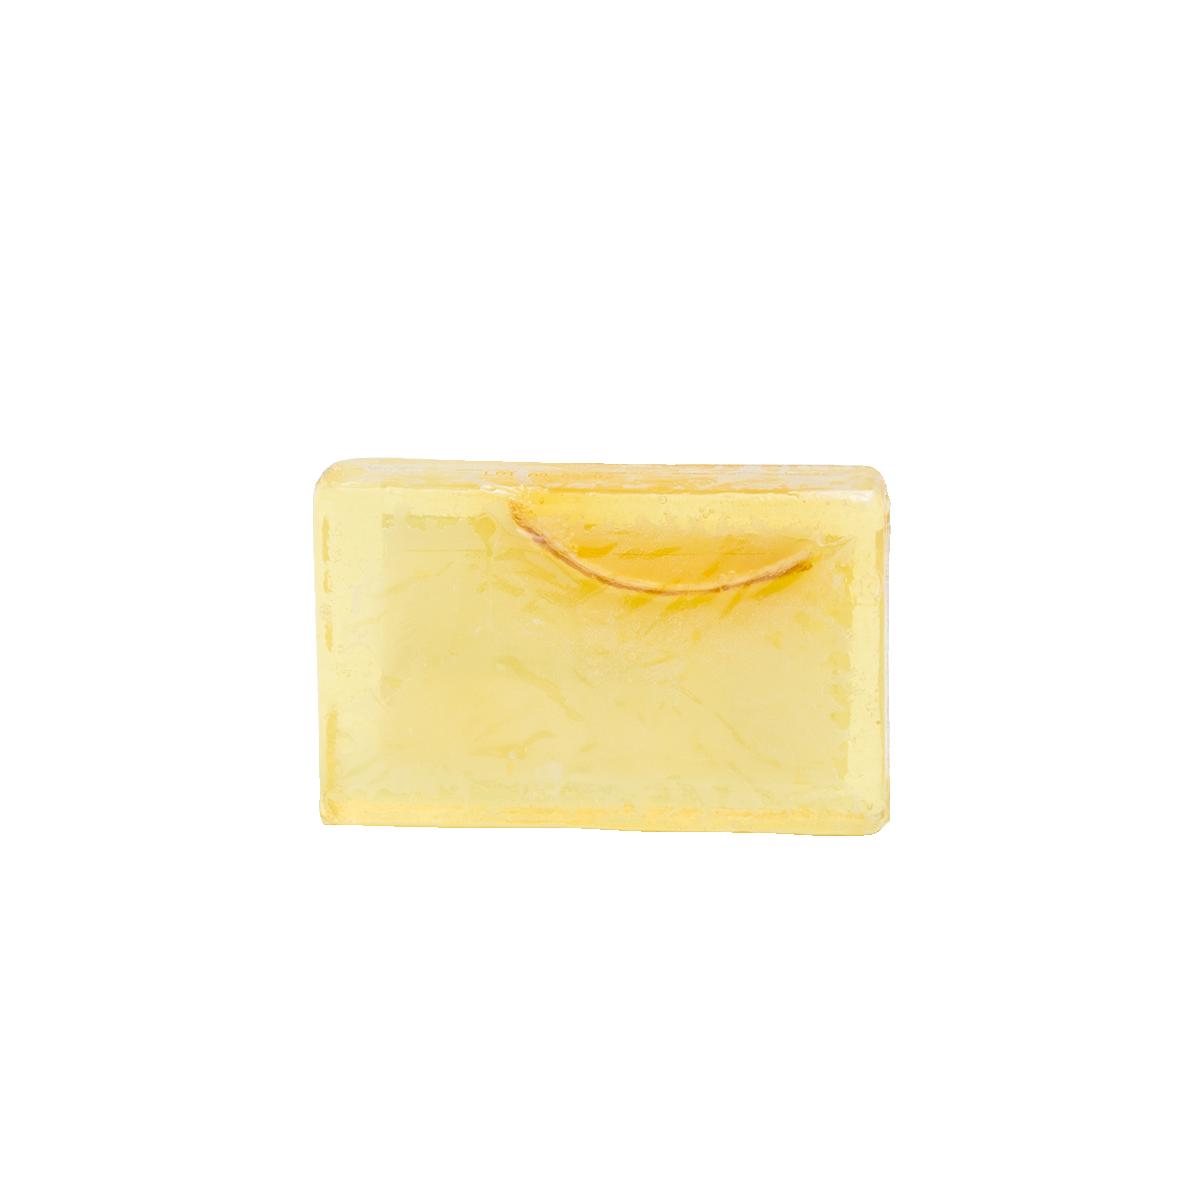 Χειροποίητο Σαπούνι Ελιάς | Έλαιο Λεμονιού 100g | BiCare